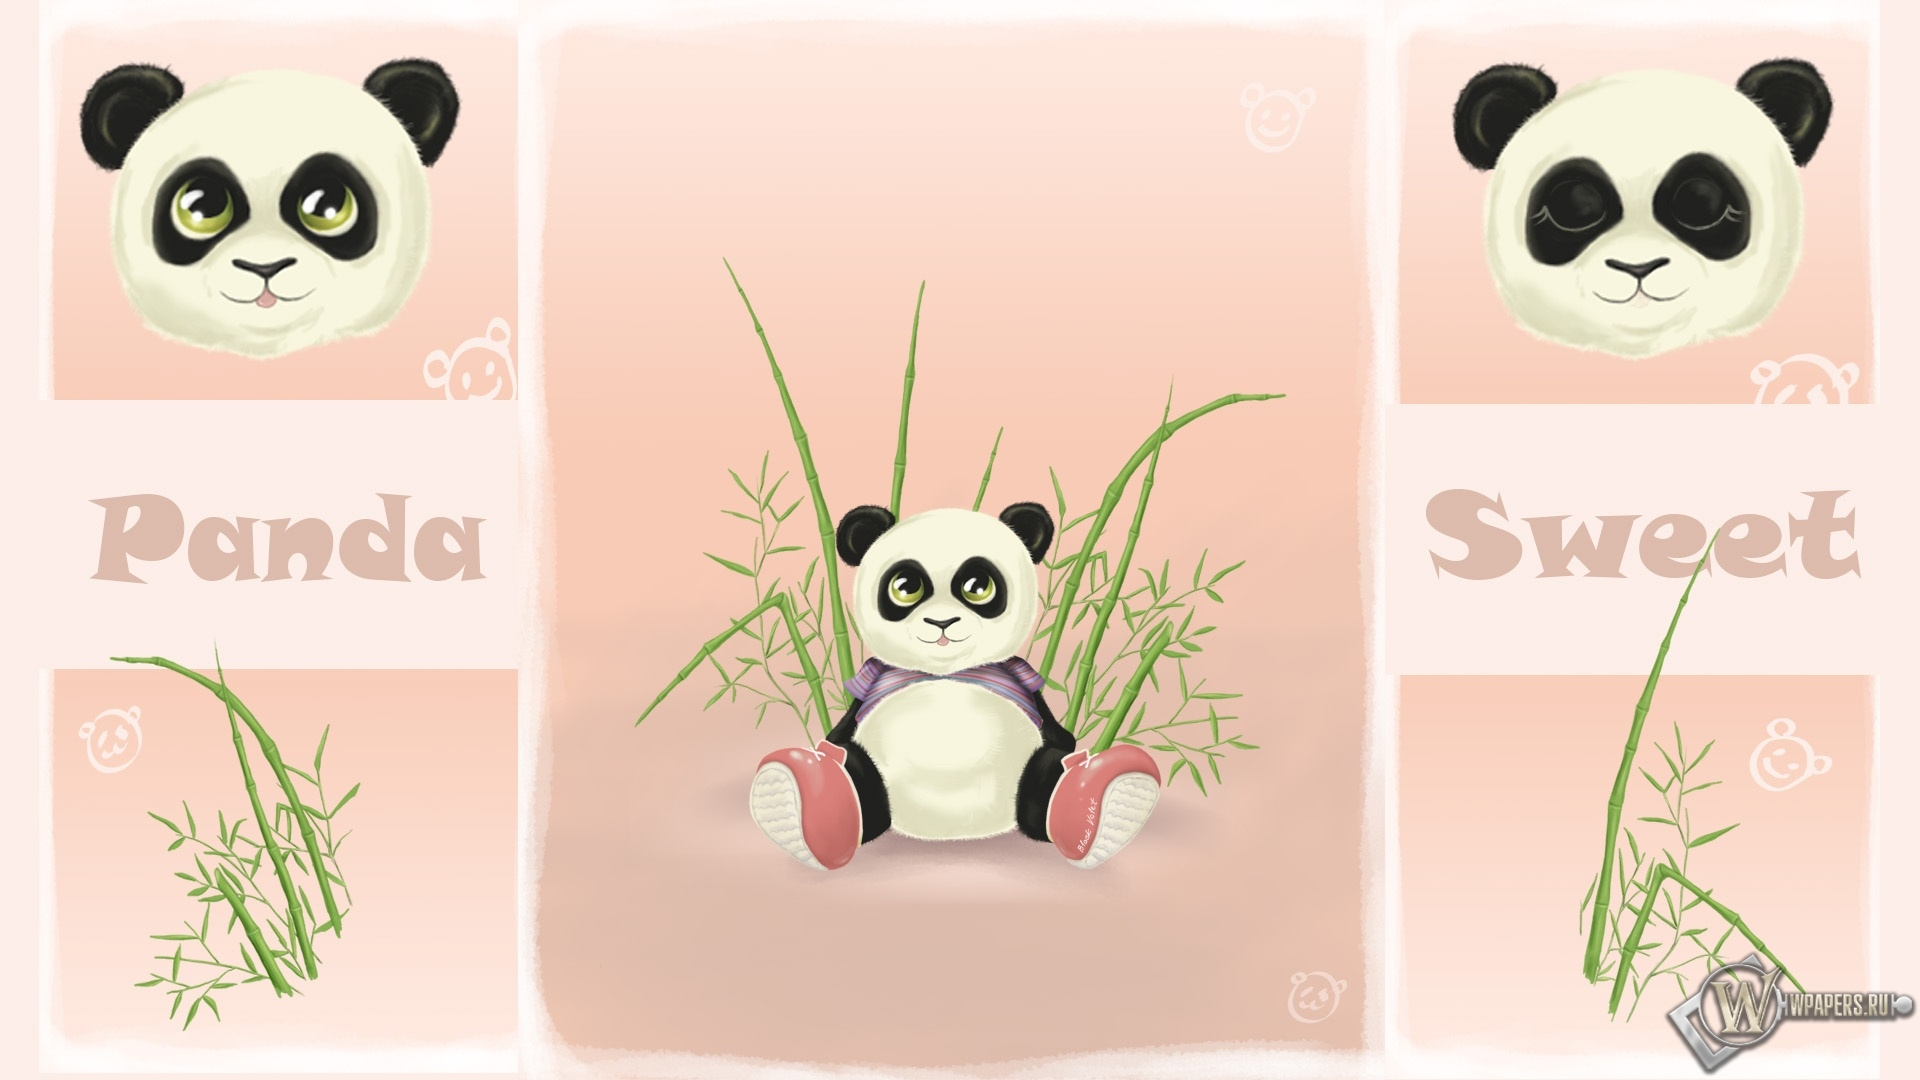 Панда-конфетка 1920x1080